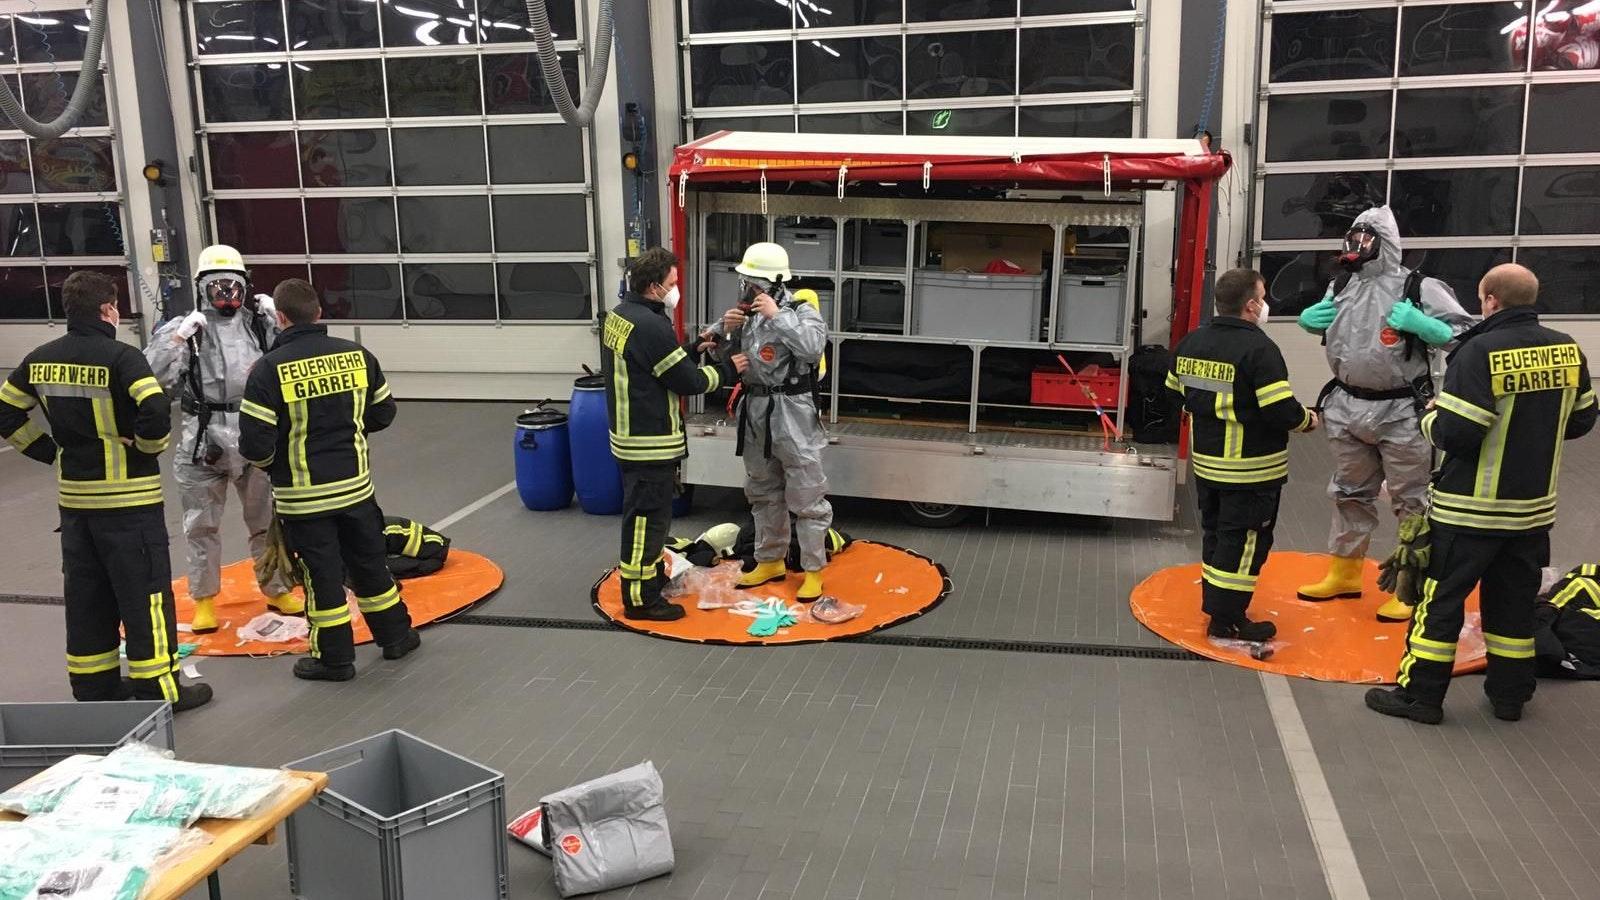 Mit Masken und Abstand: Unter der Einhaltung von Hygieneregeln wurde Anfang des Jahres eine Einsatzübung im Feuerwehrhaus für die Atemschutzgeräteträger durchgeführt. Fotos: © Feuerwehr